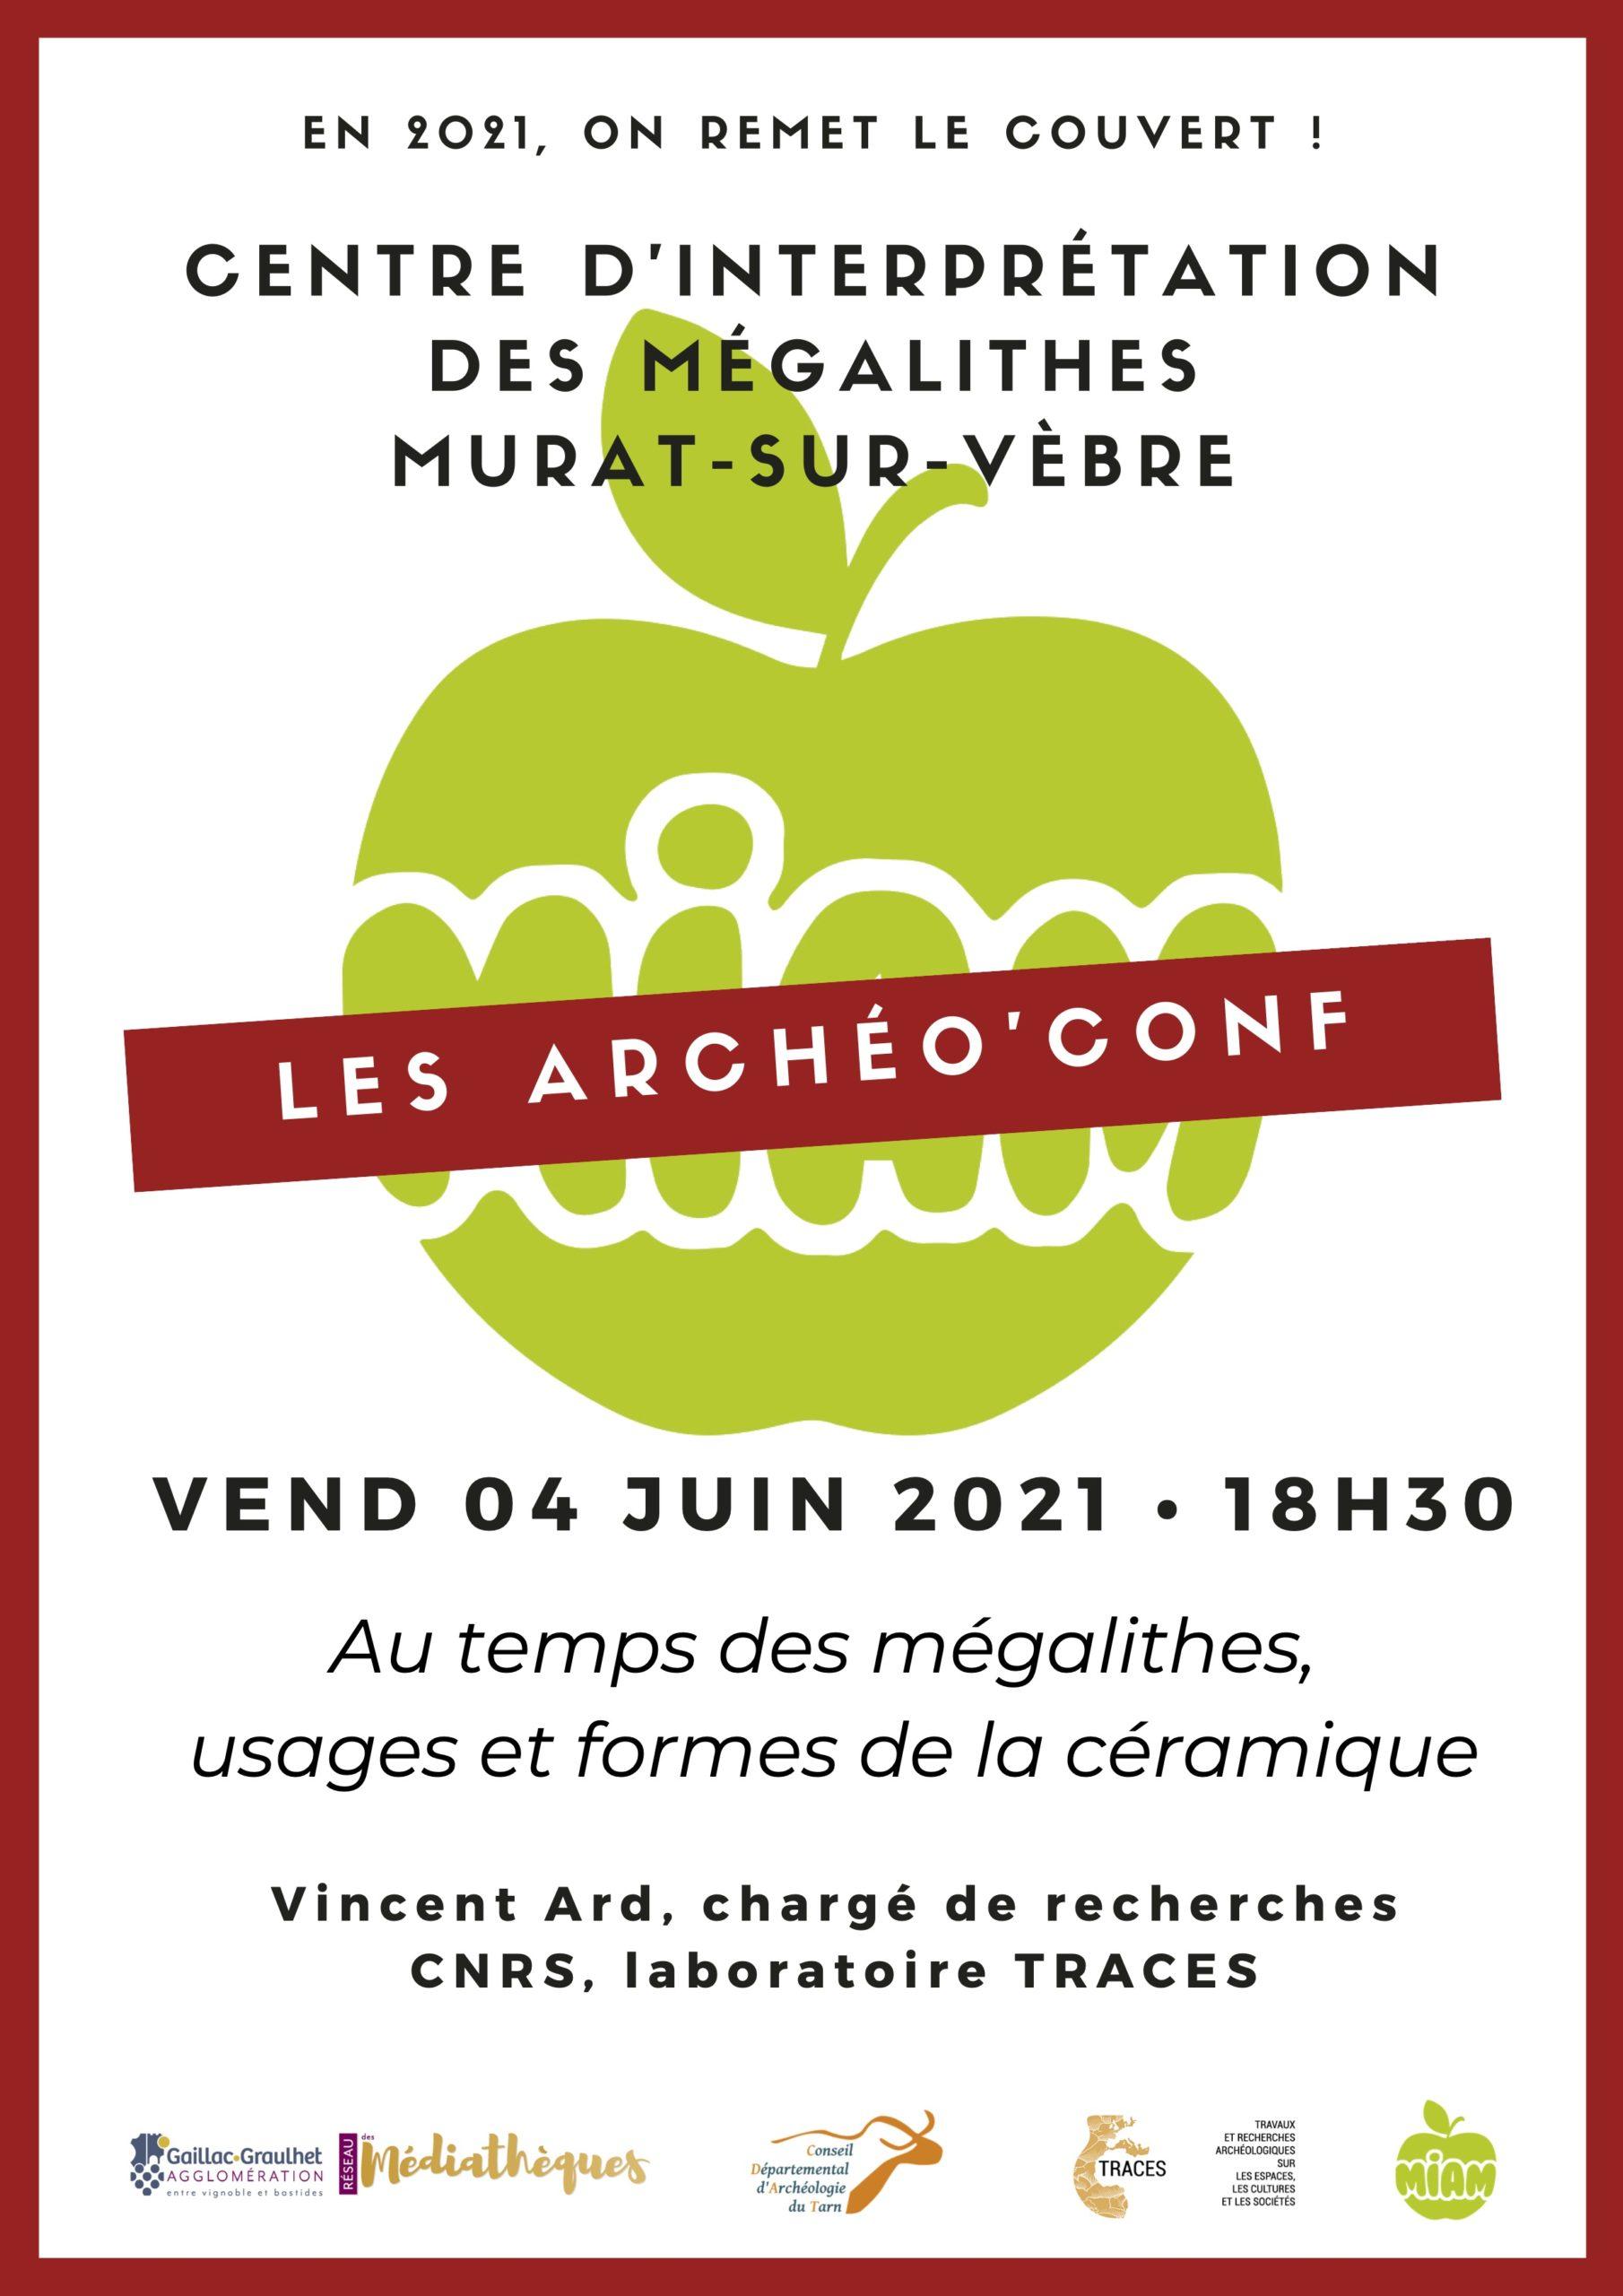 archéo'conf 2021 se déroule au centre d'interprétation des mégathiques de Murat sur zèbre